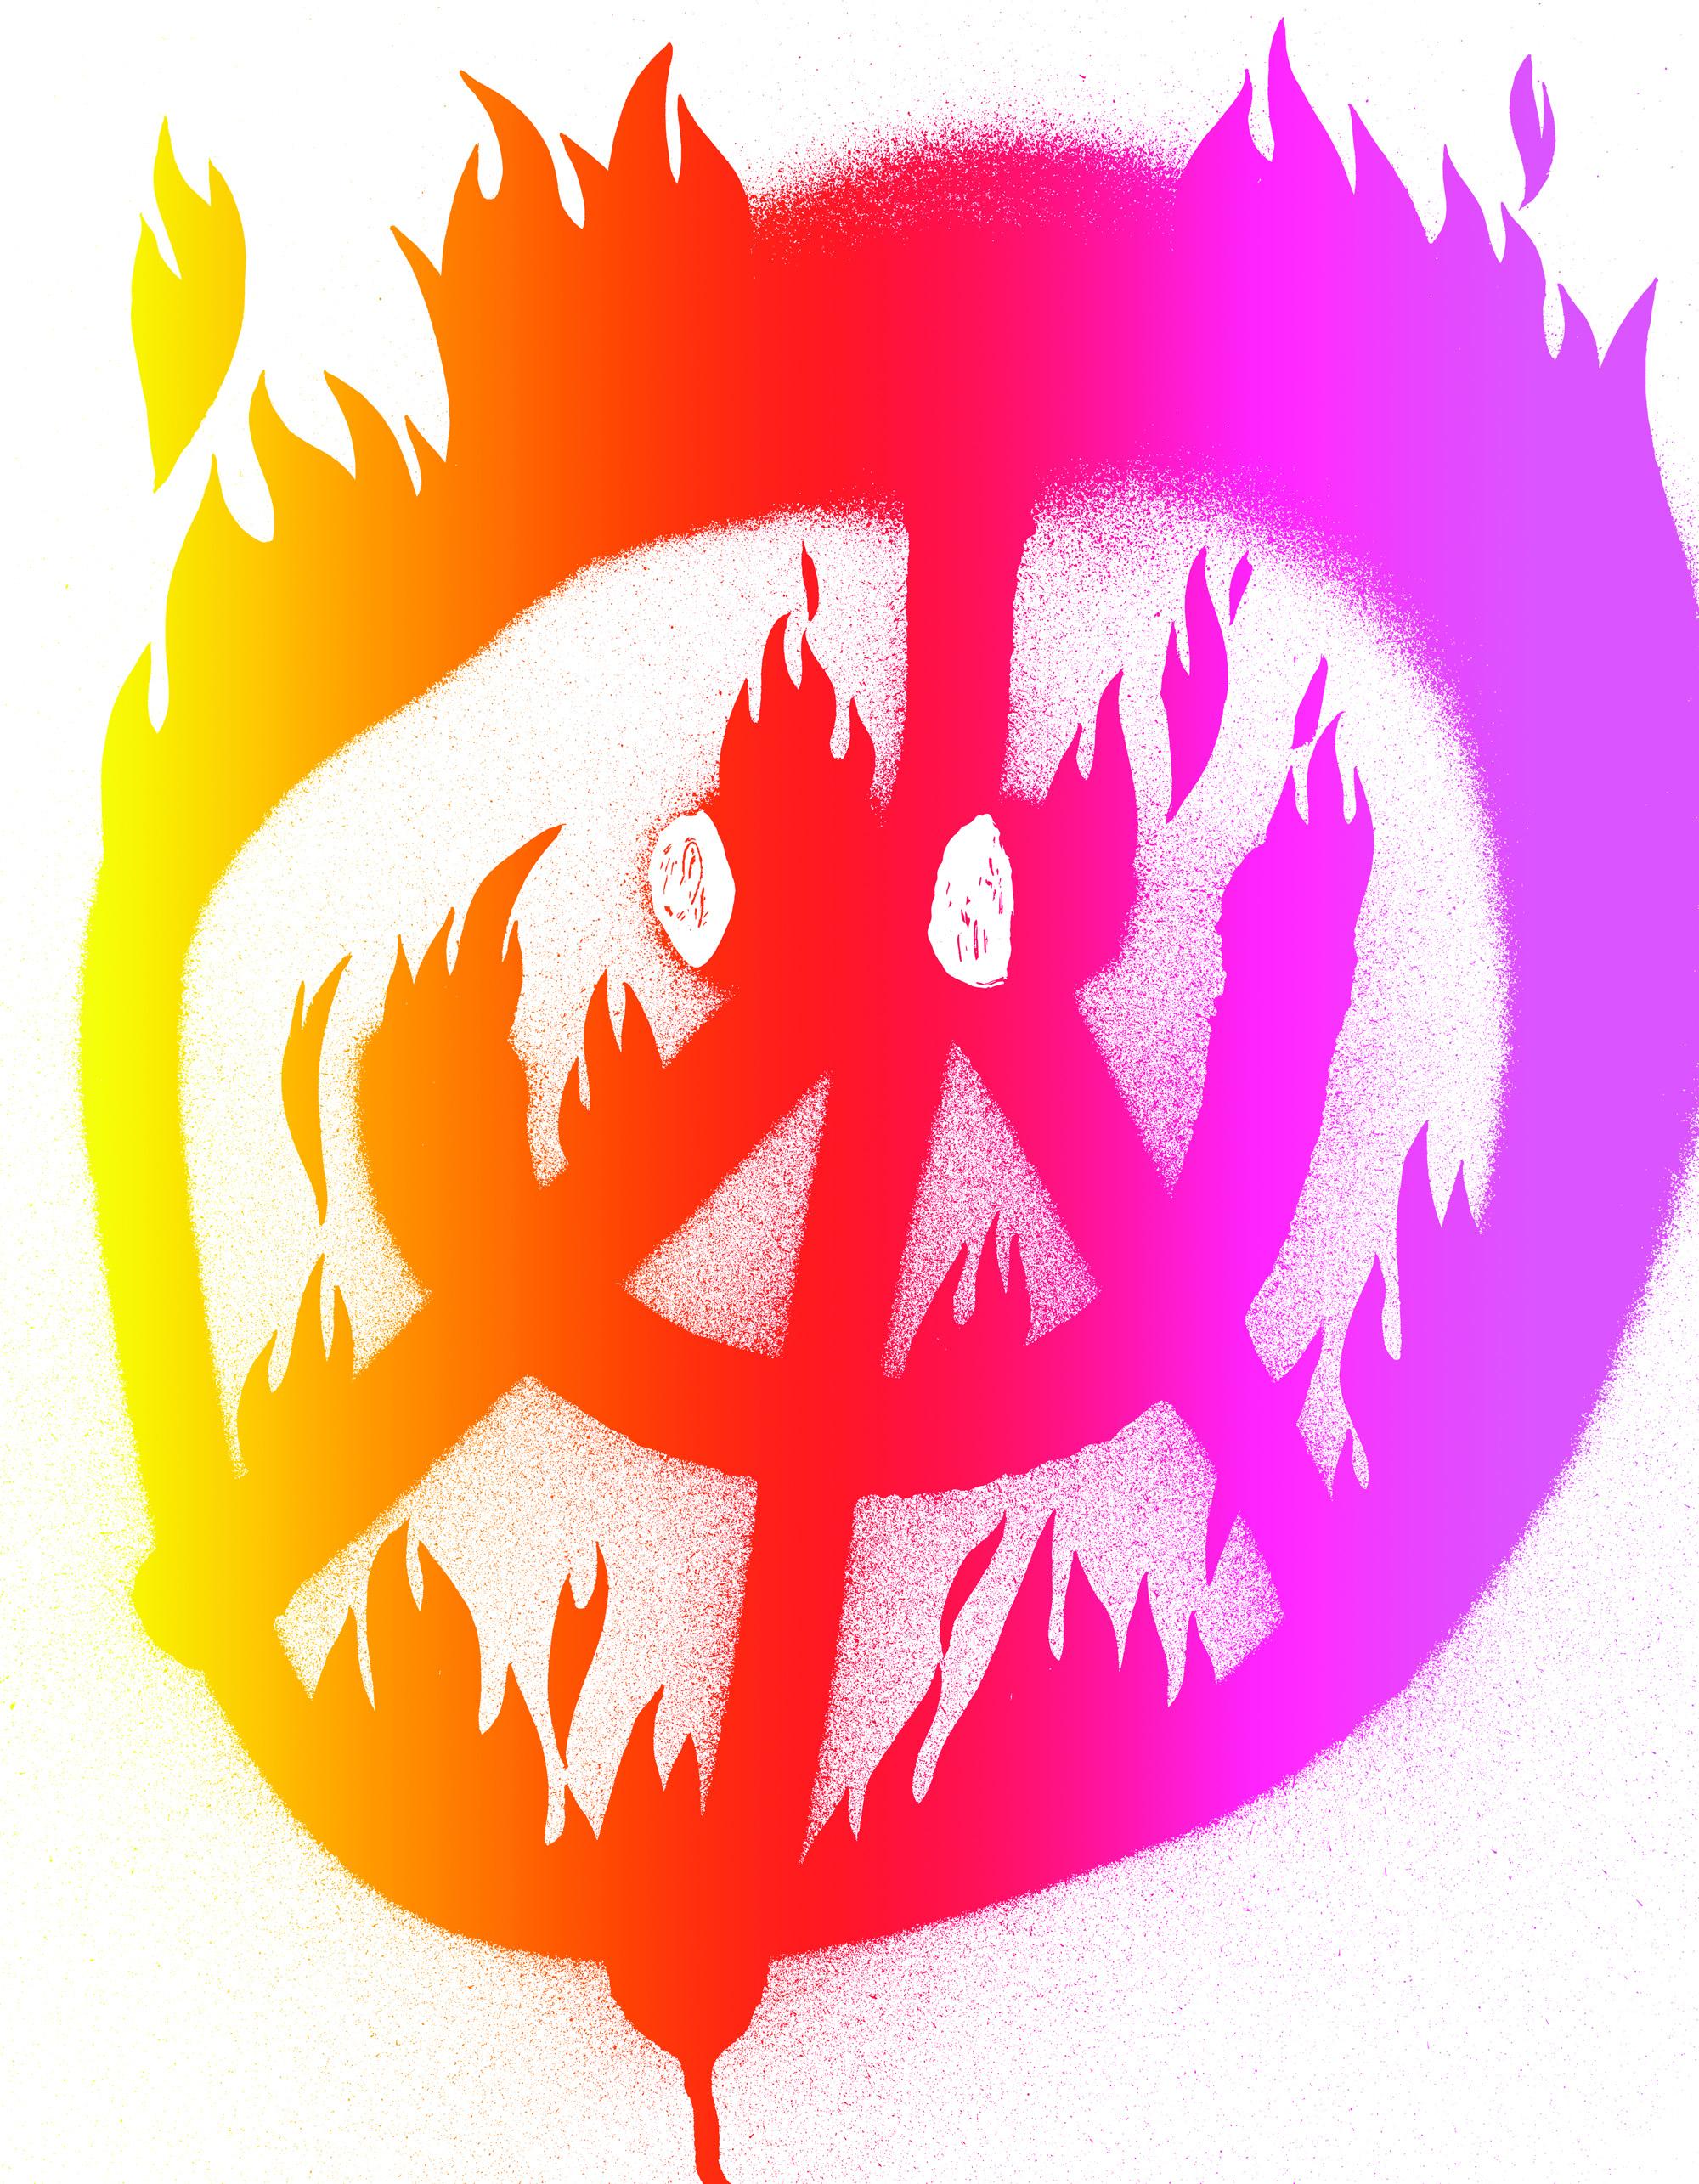 club_heat_poster_14x18_4 (1).jpg